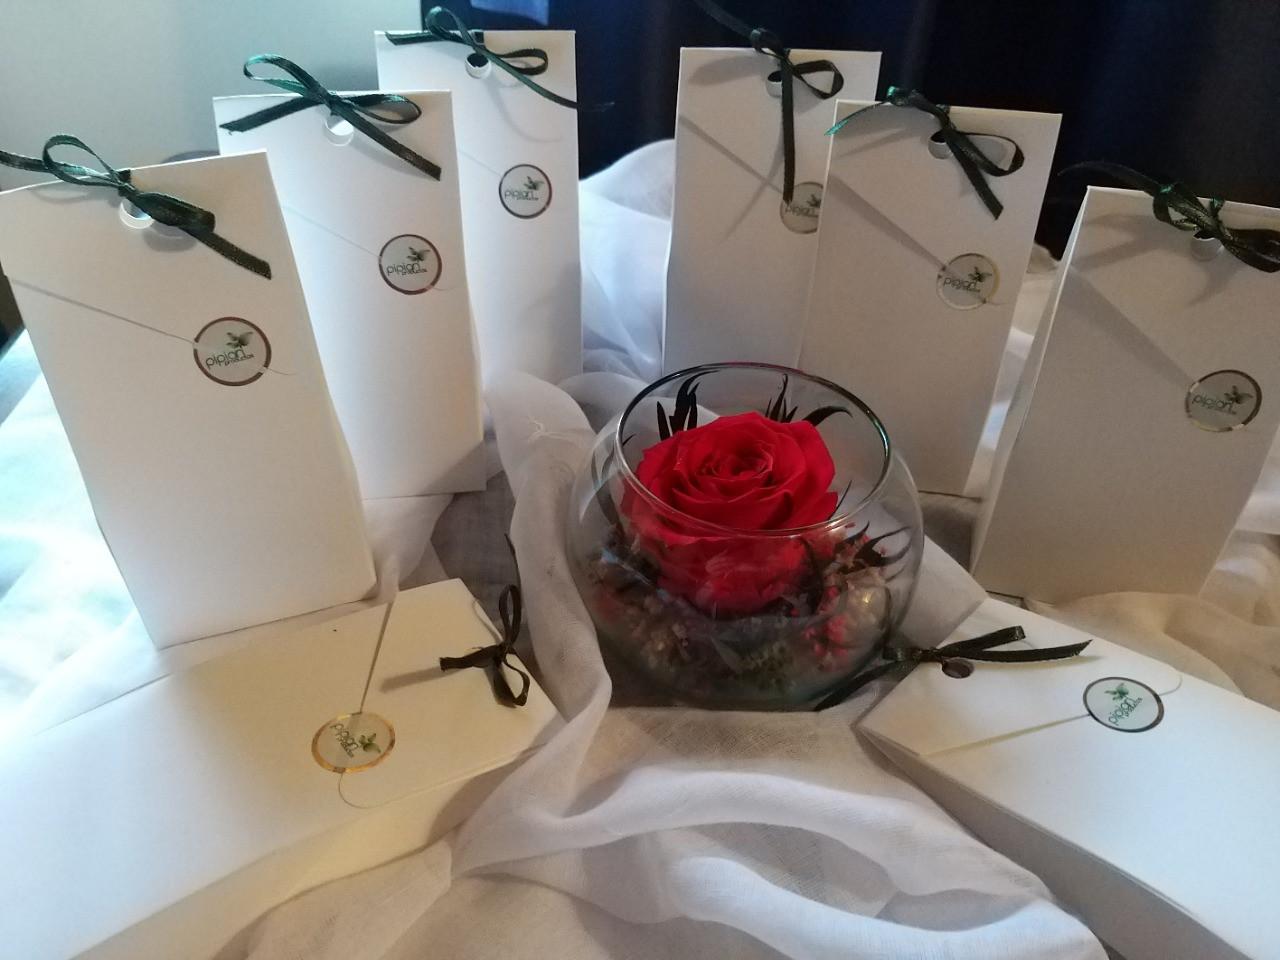 Recuerdos inigualables para tus ocasiones especiales... 50 gr de rosas con chocolate.